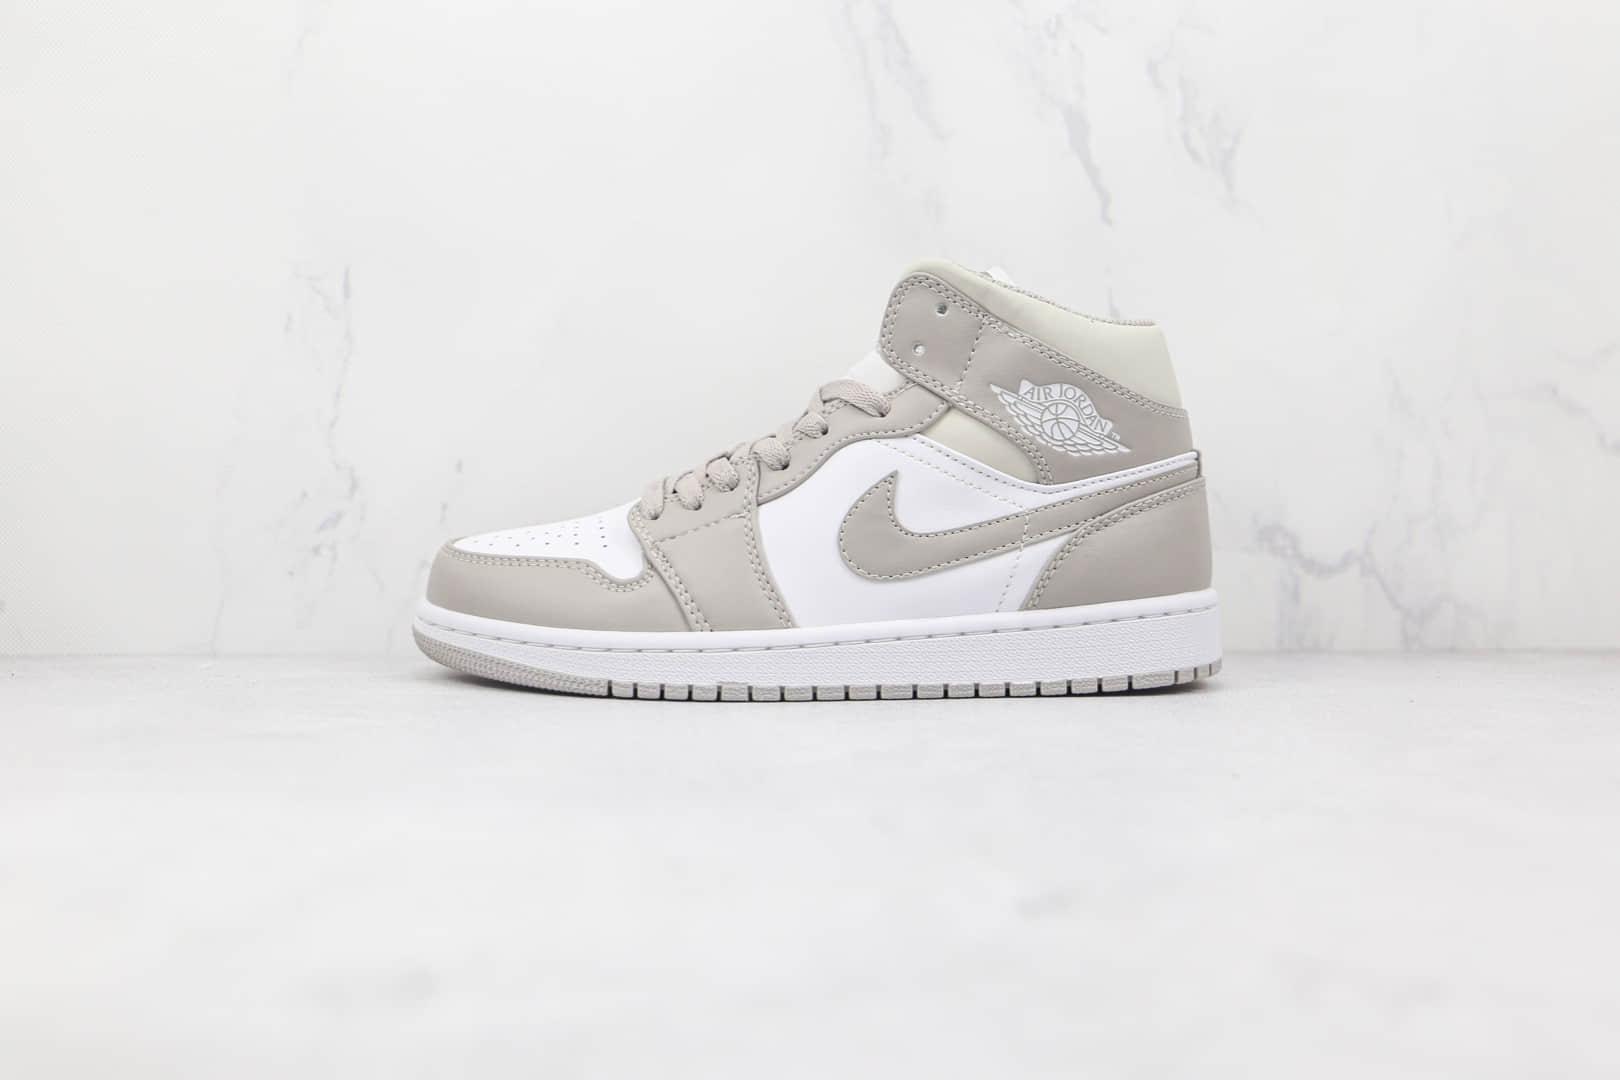 纯原版本乔丹中帮AJ1白灰色麻布奶油篮球鞋出货